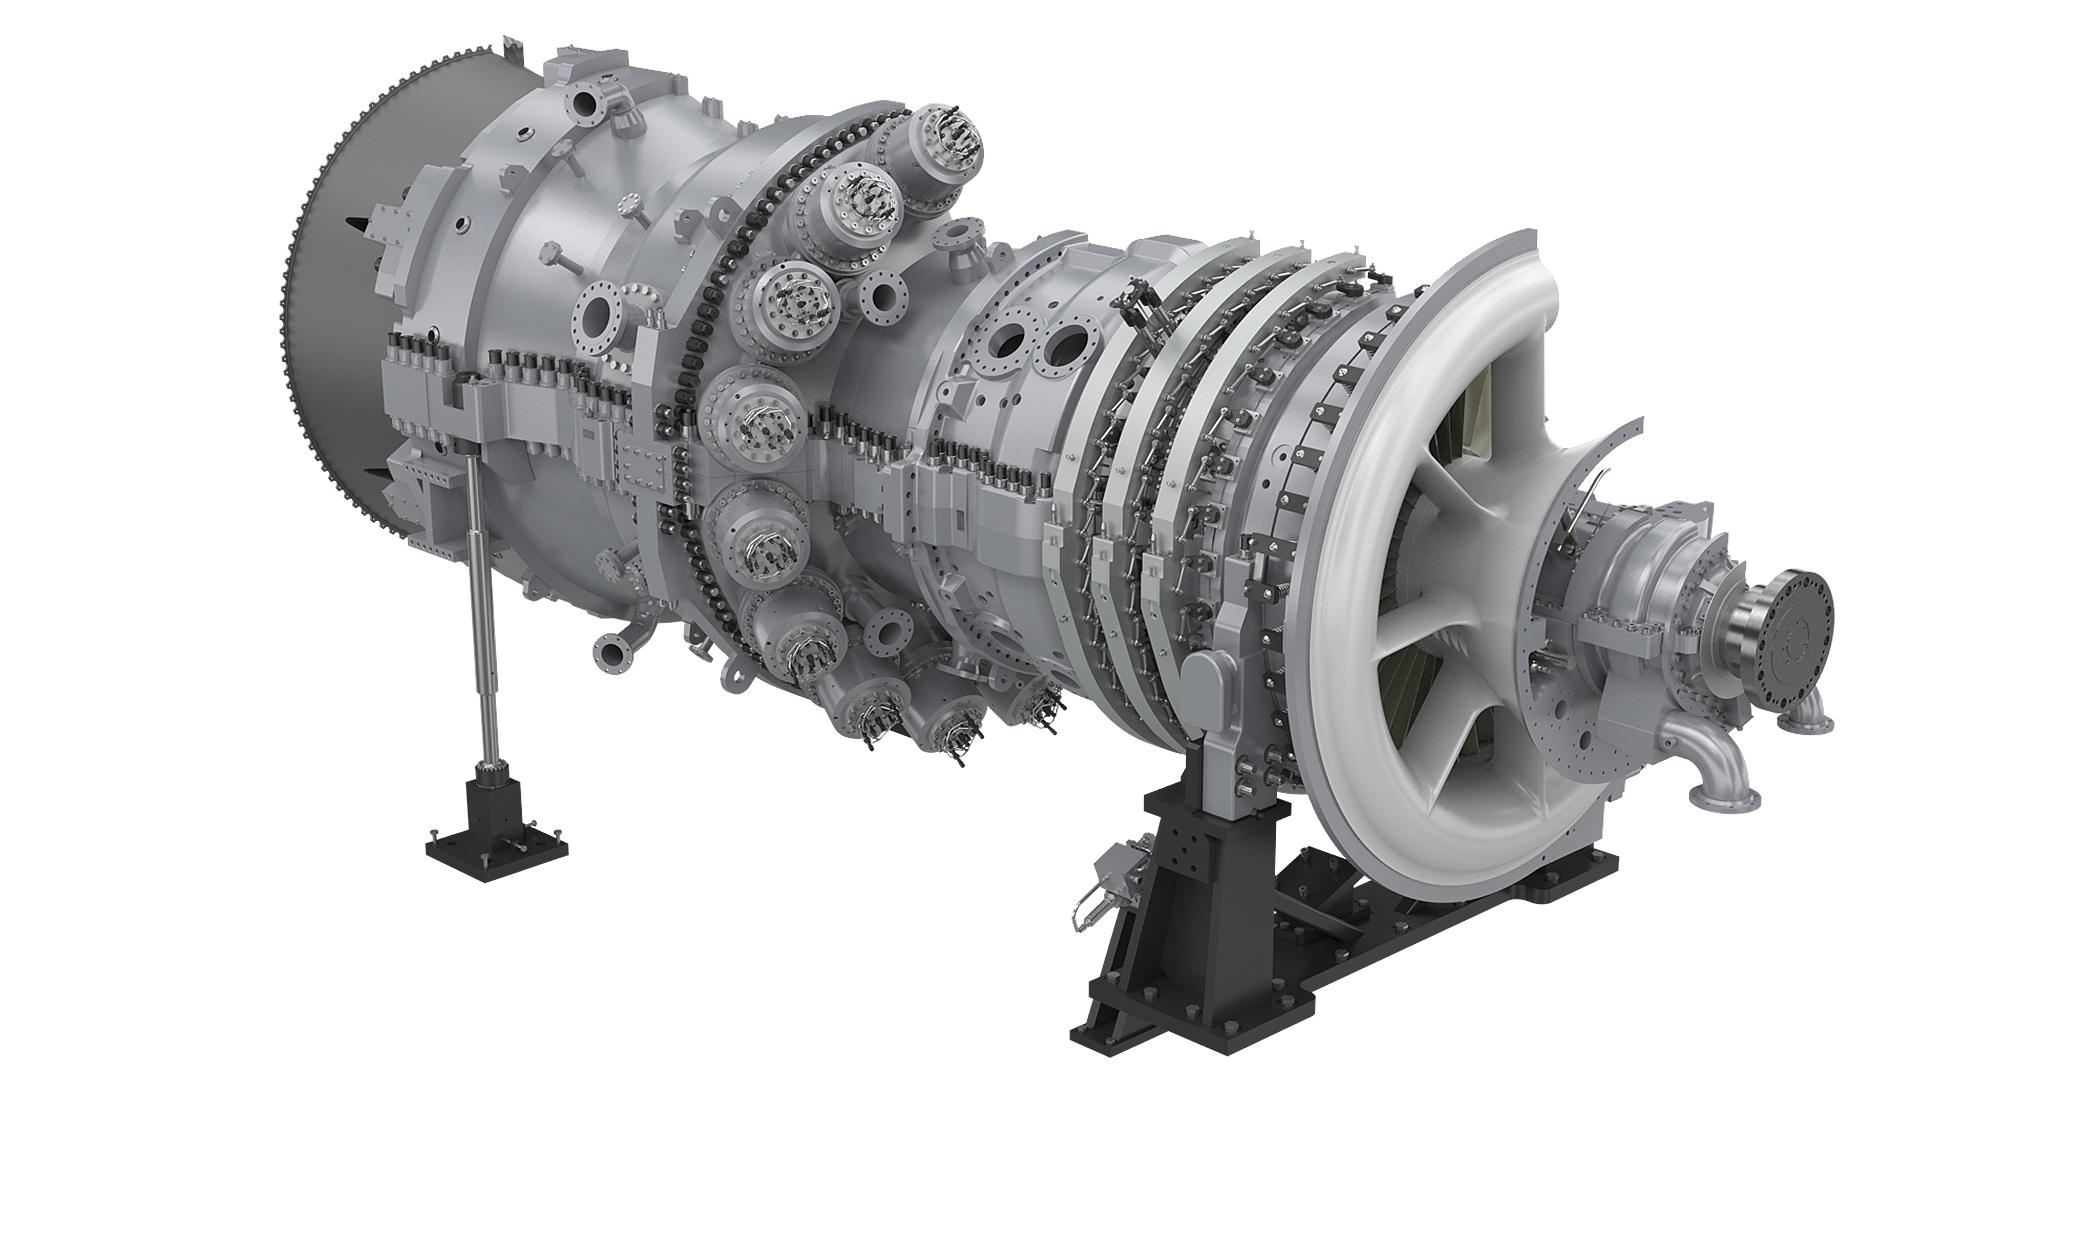 SGT6-5000F | F-class Gas Turbine | Siemens Global Website